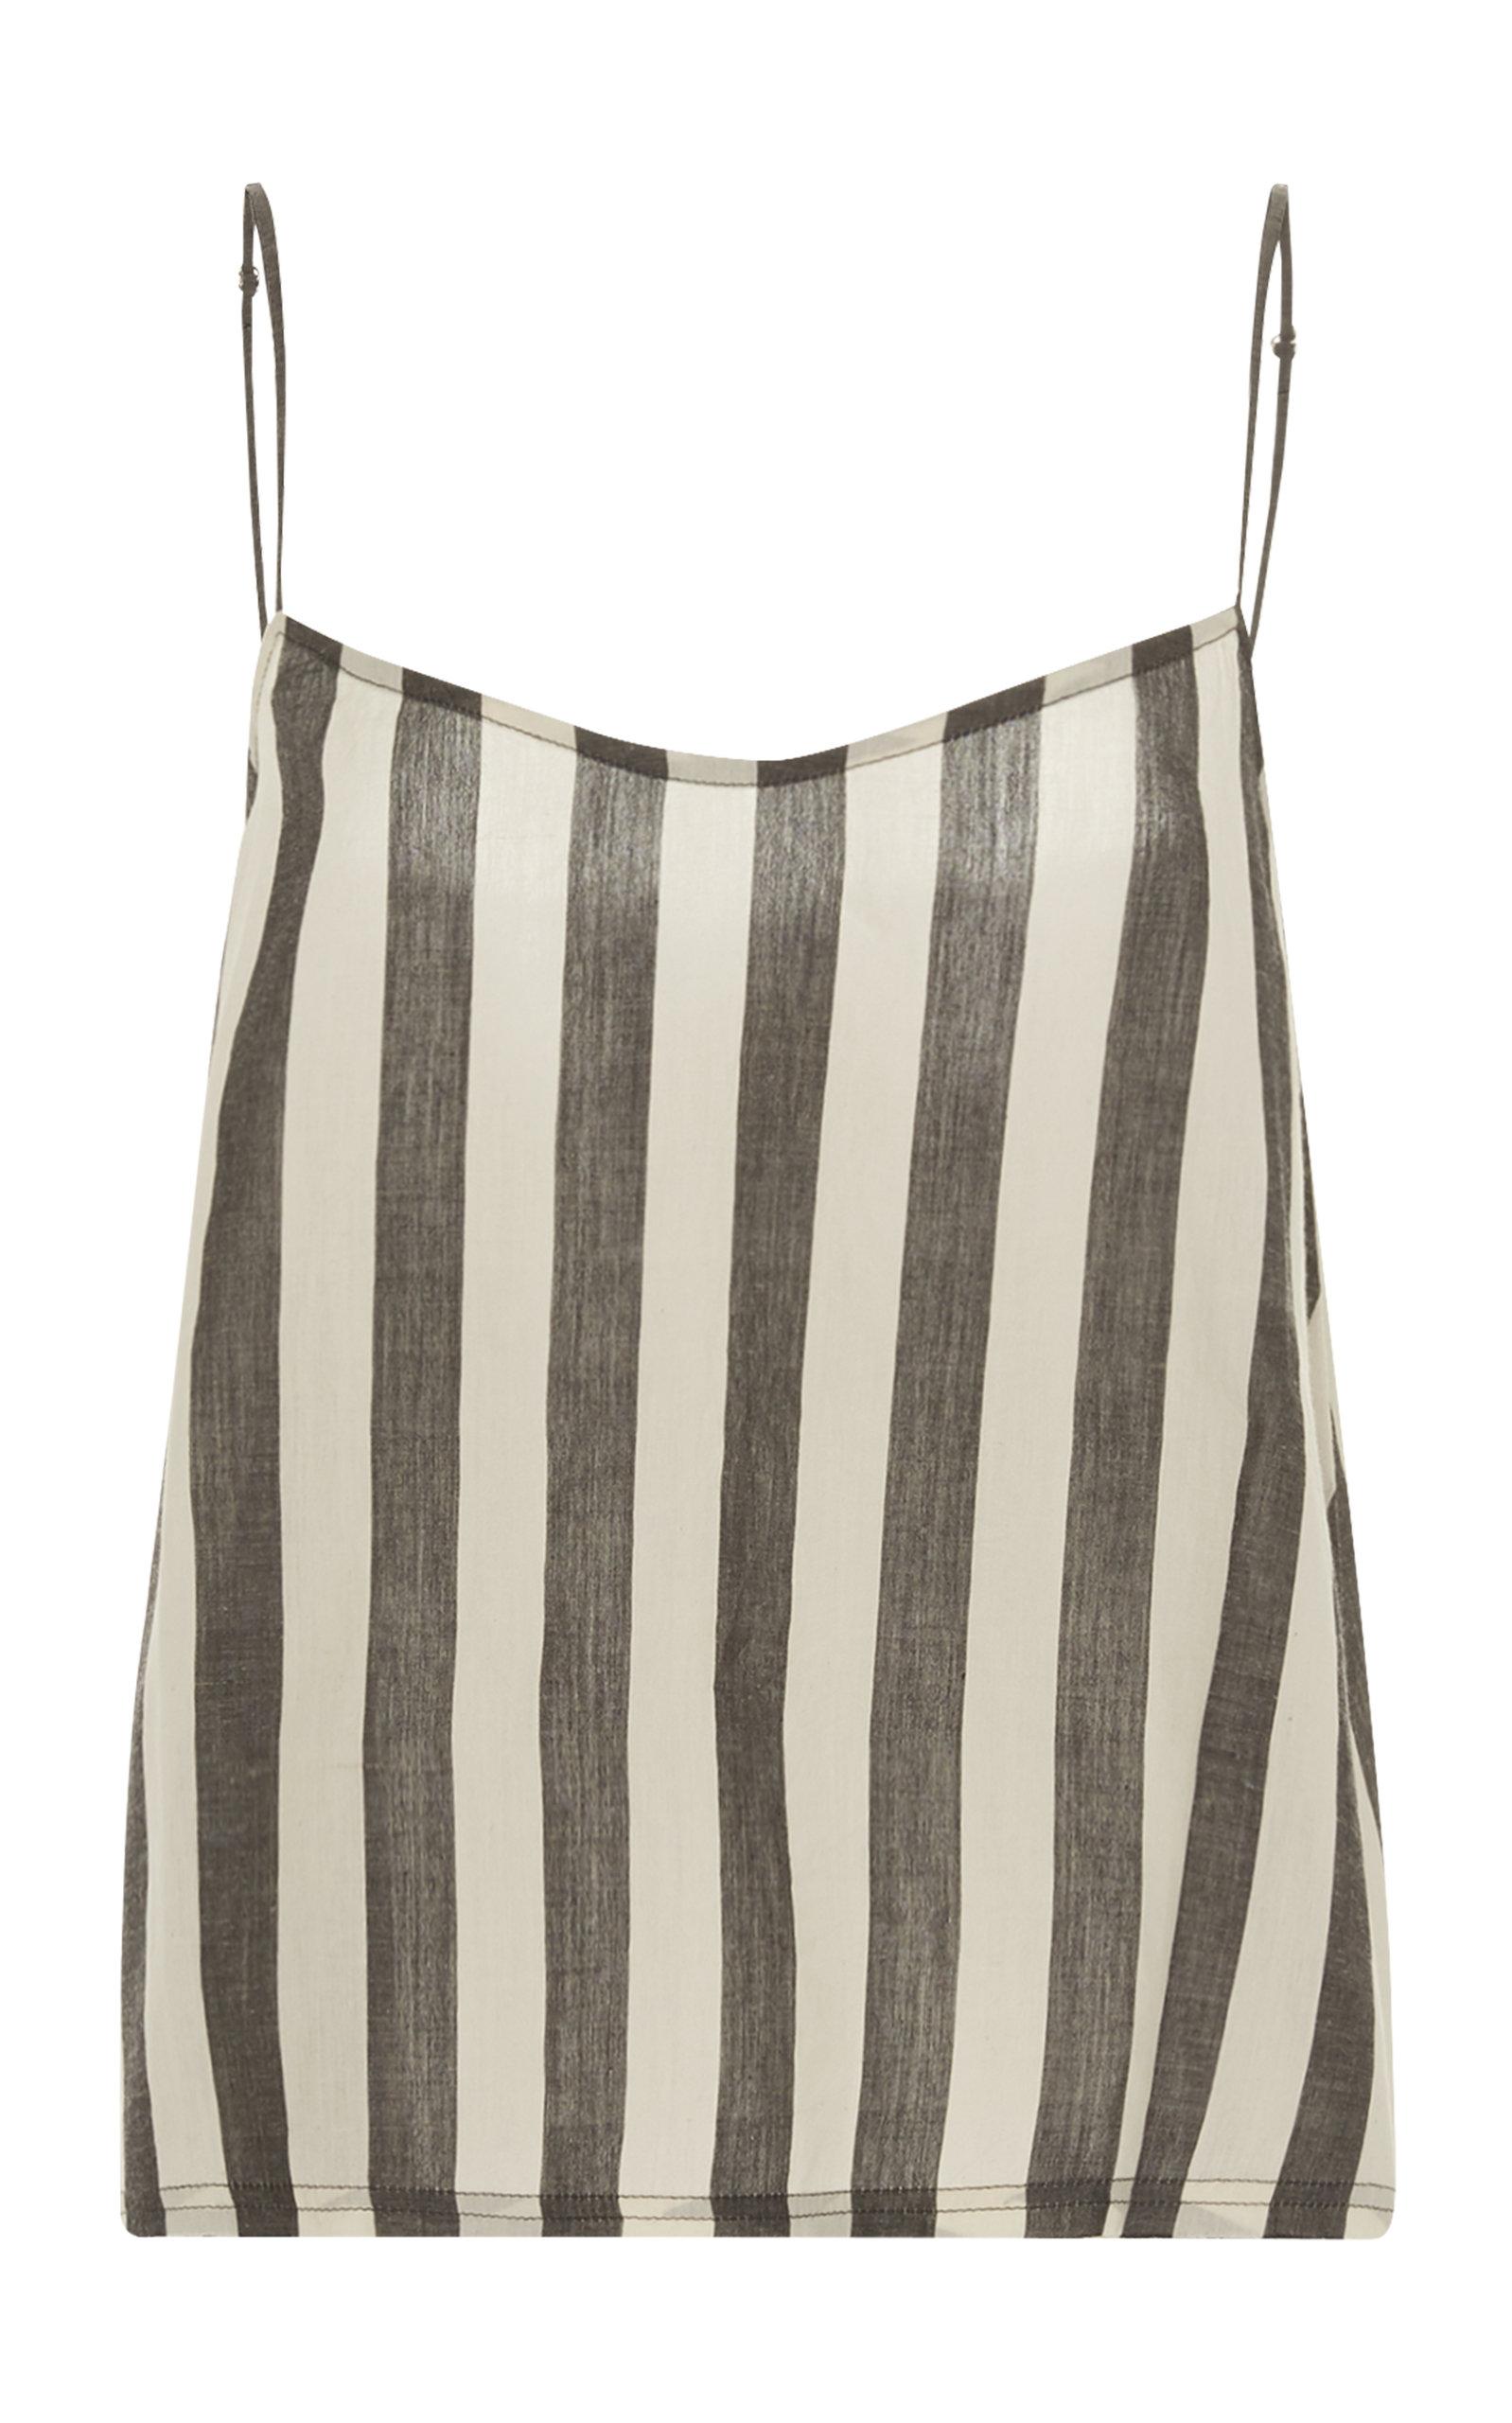 ANAAK Akari Striped Cotton Top